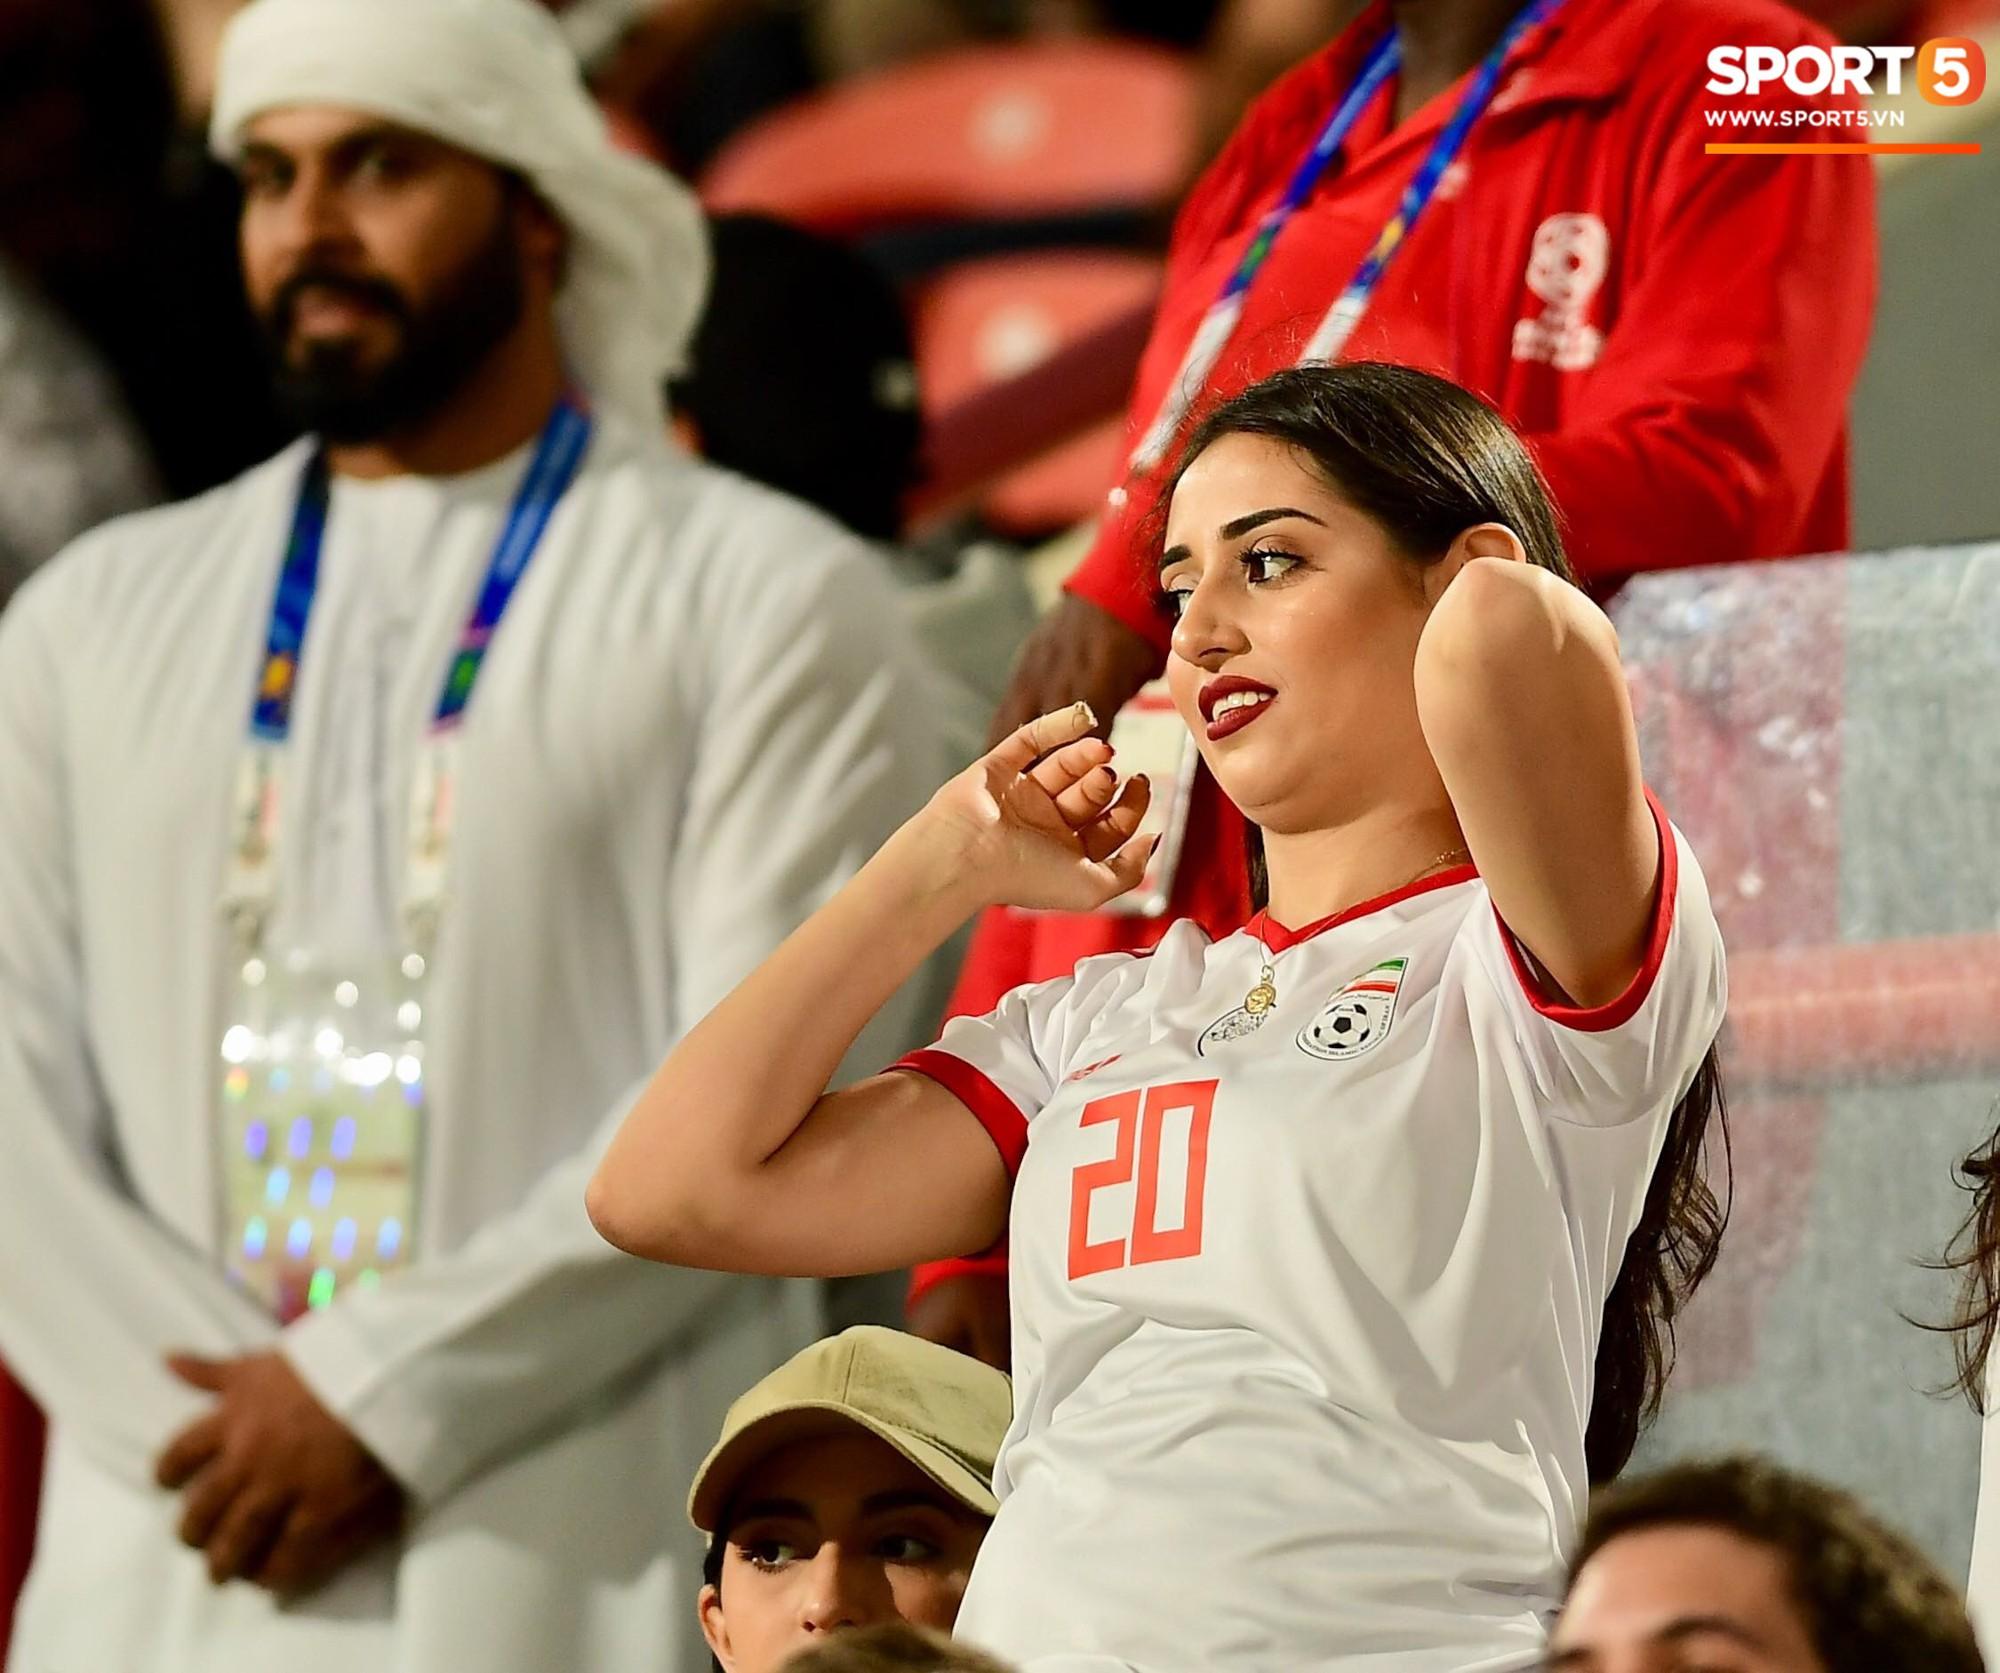 Ngất ngây với vẻ đẹp của fangirl Iran trong ngày đội nhà giành chiến thắng đậm trước Yemen - Ảnh 1.